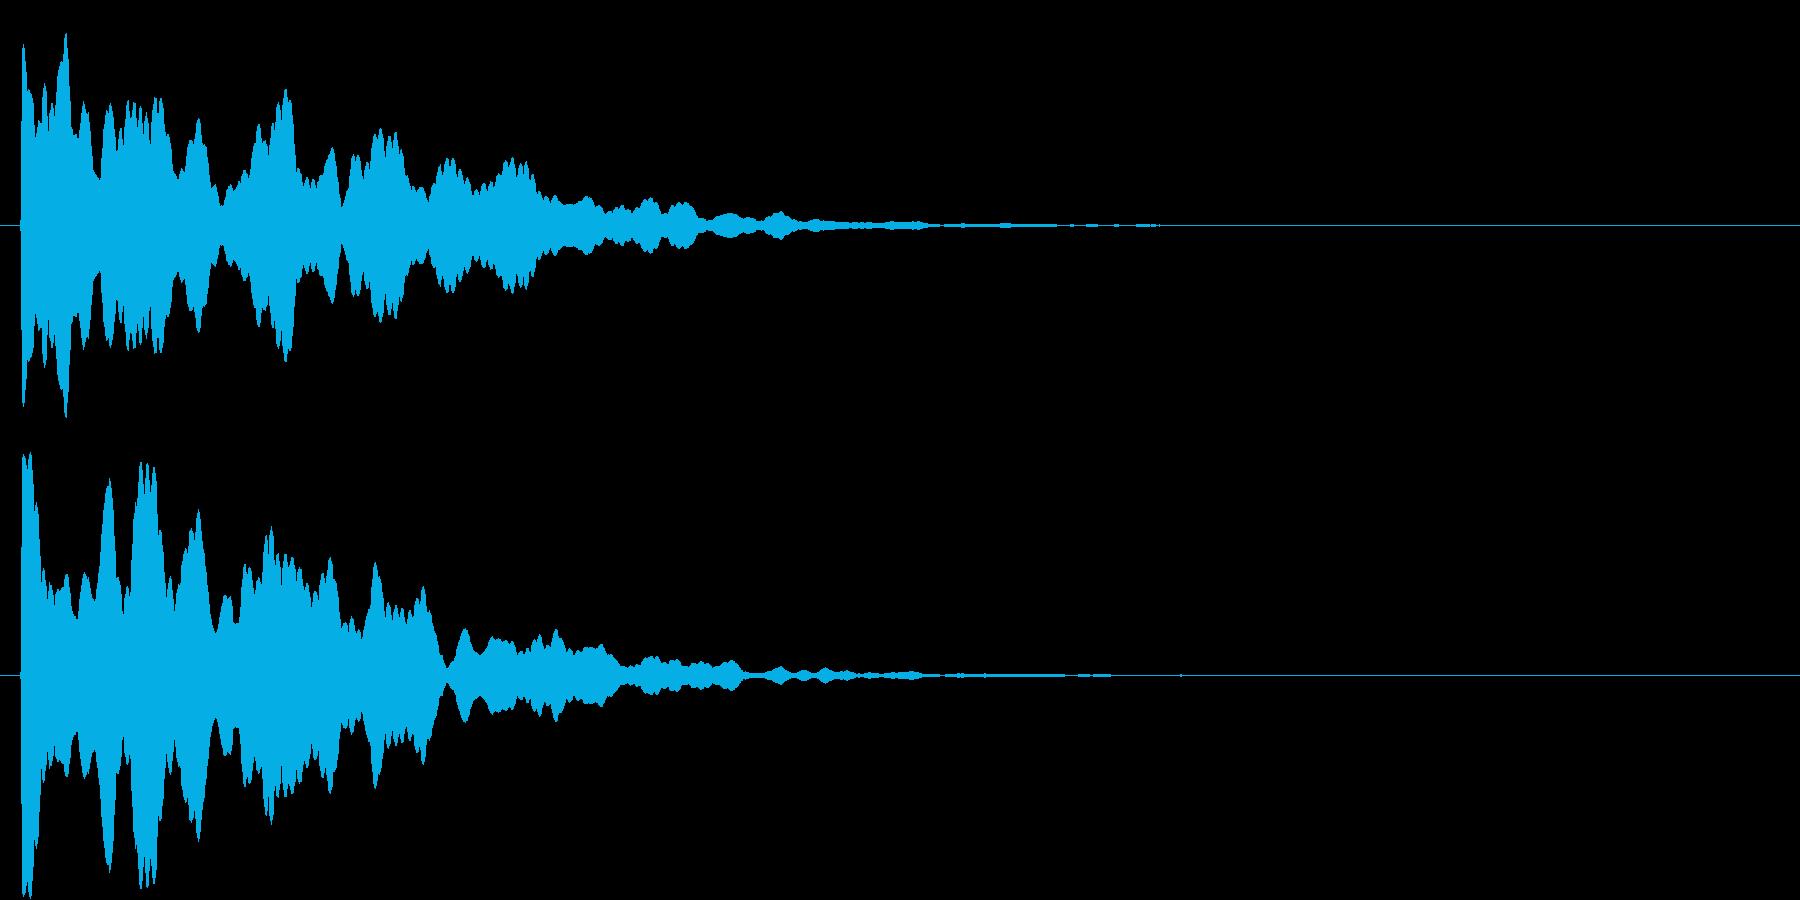 ポーン(決定音)の再生済みの波形